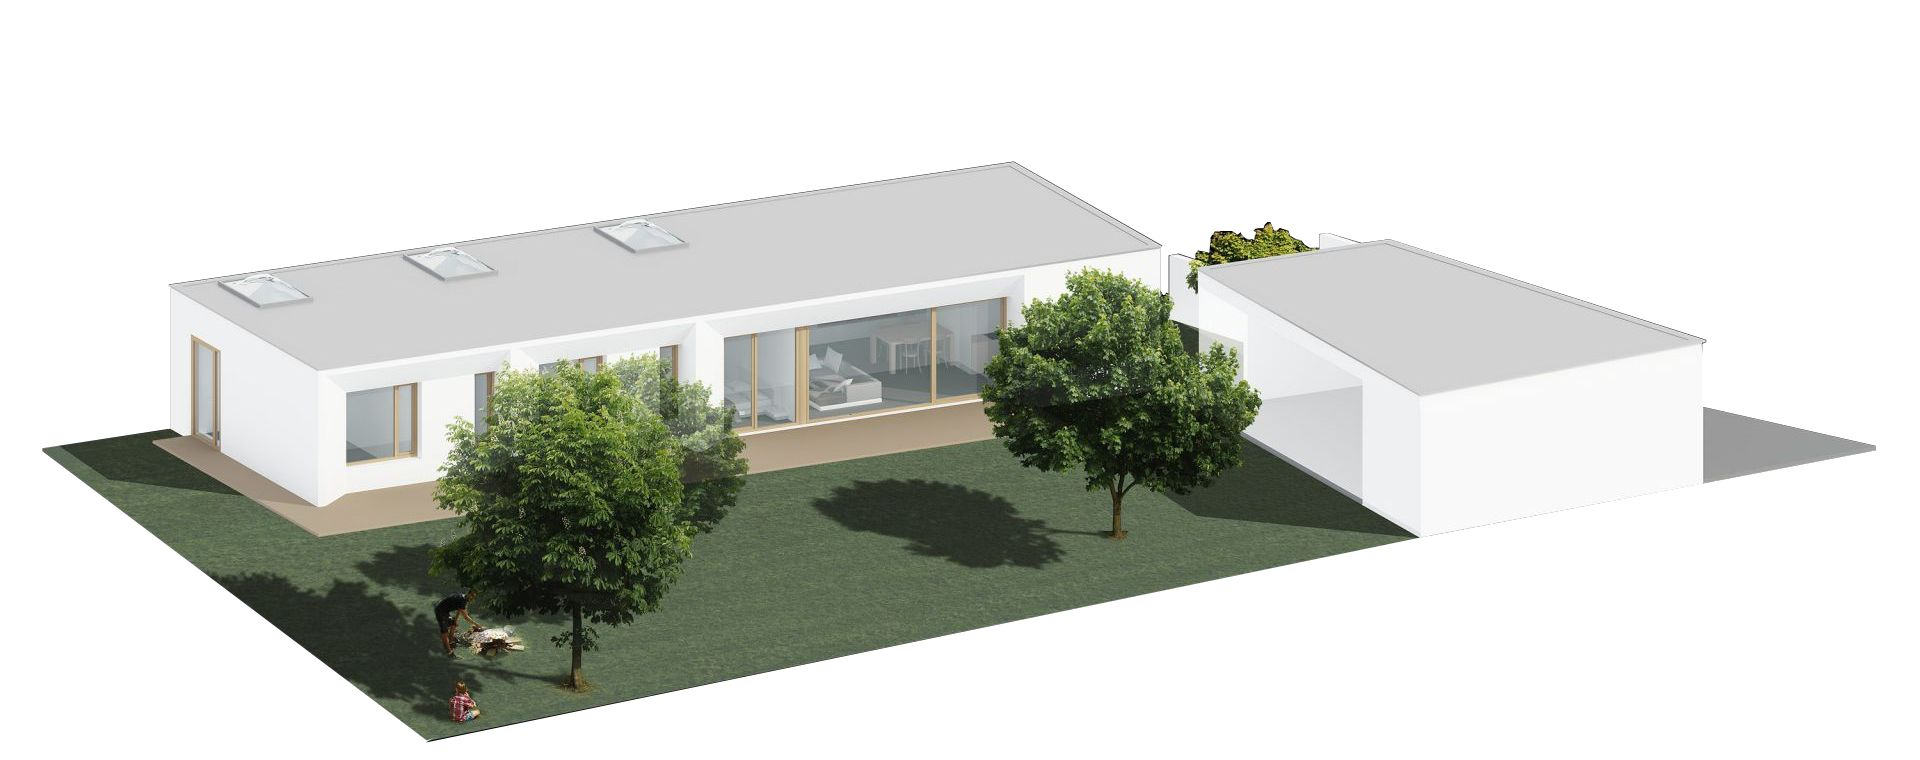 Rodinný dům Neratovice, 2011, CZ